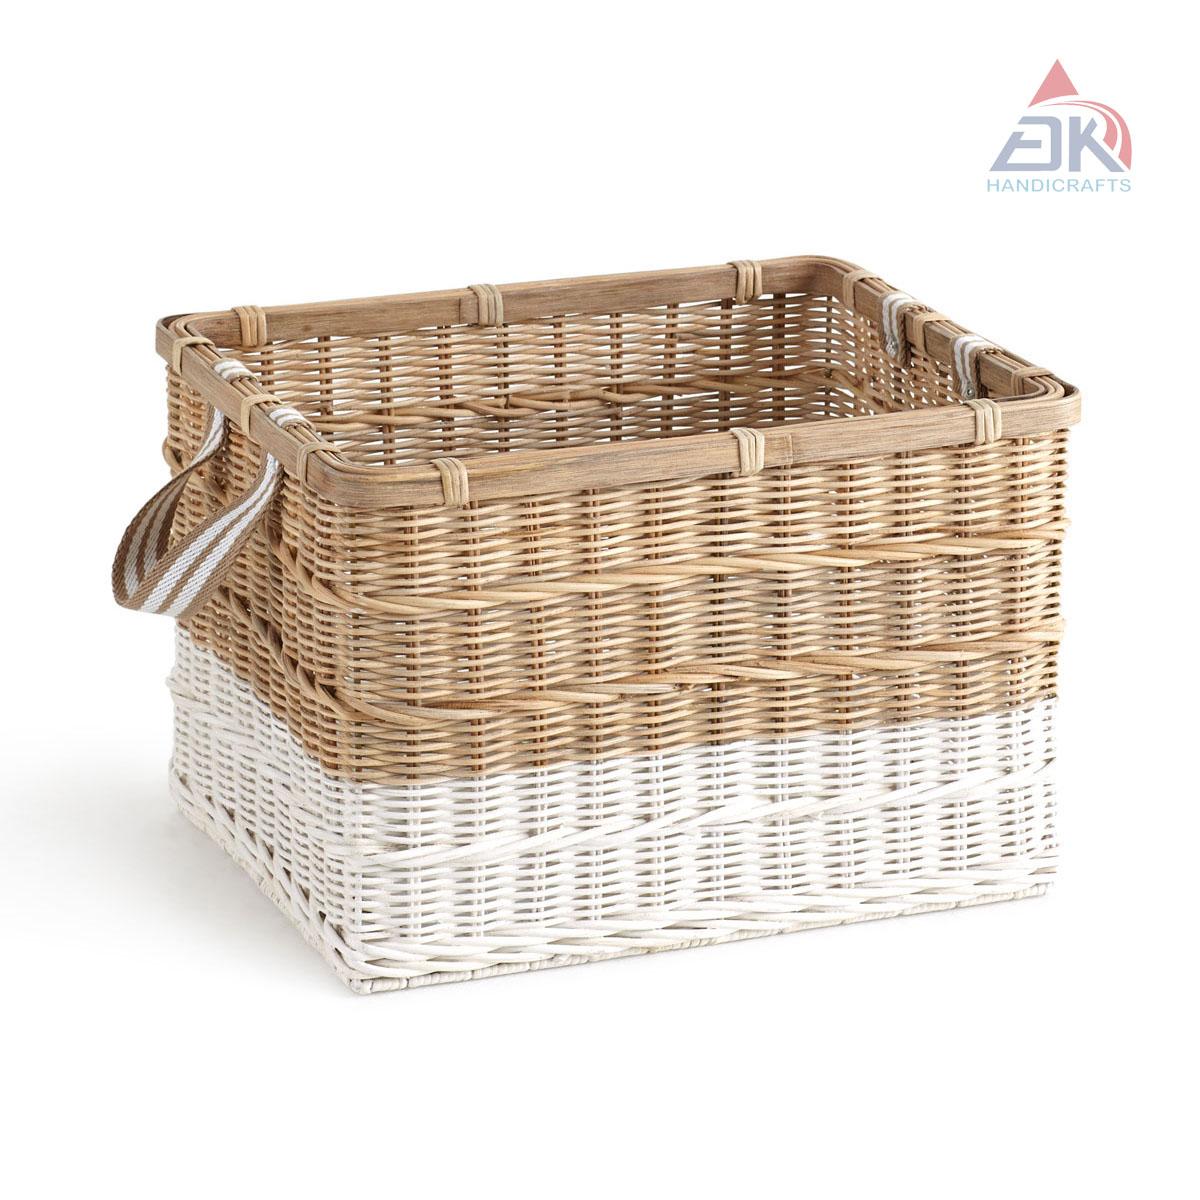 Storage Basket # DK434